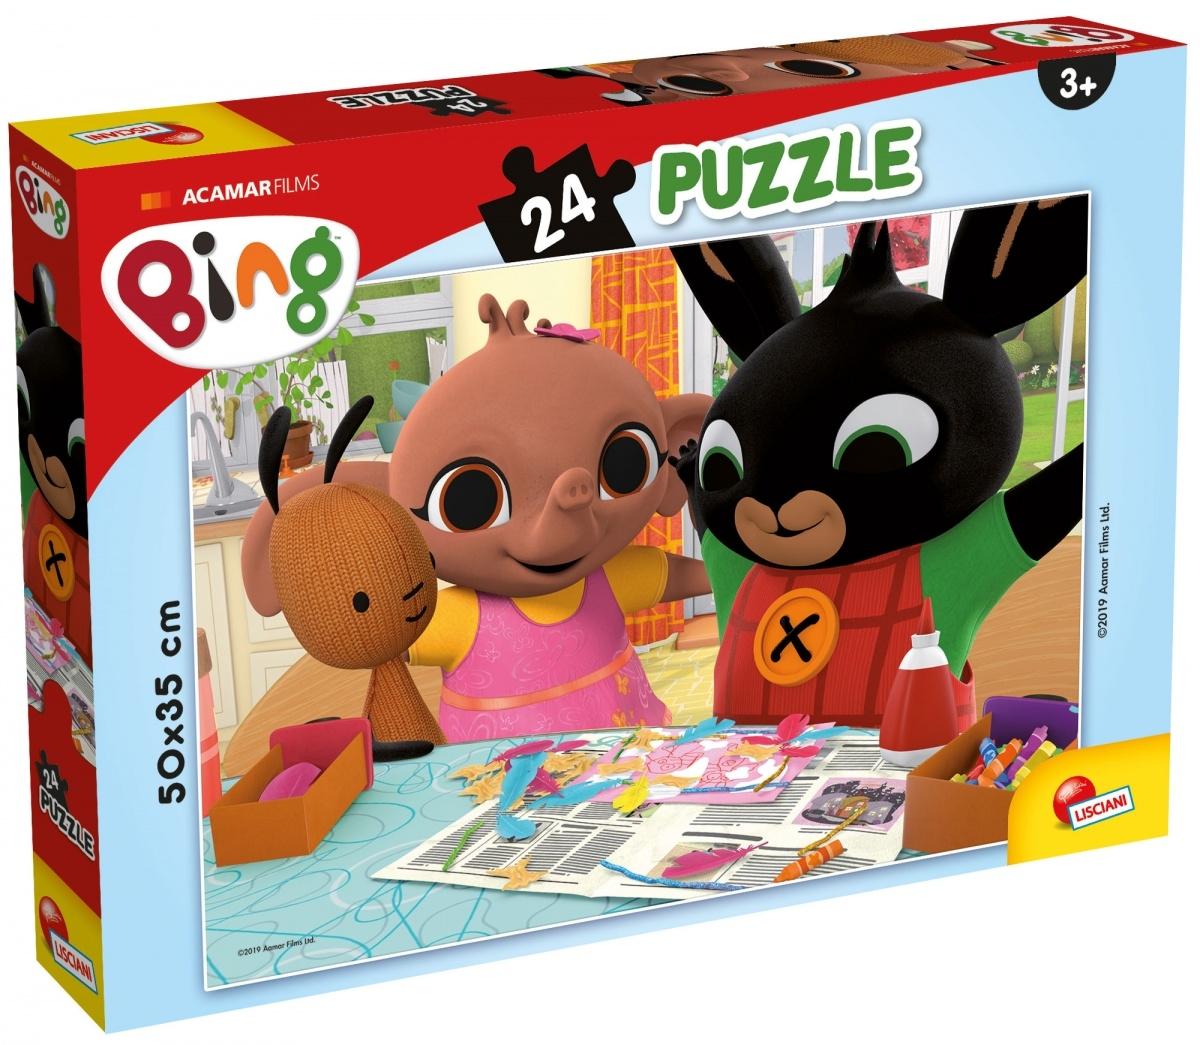 Puzzle Plus 24: Bing 3 (304-77984)